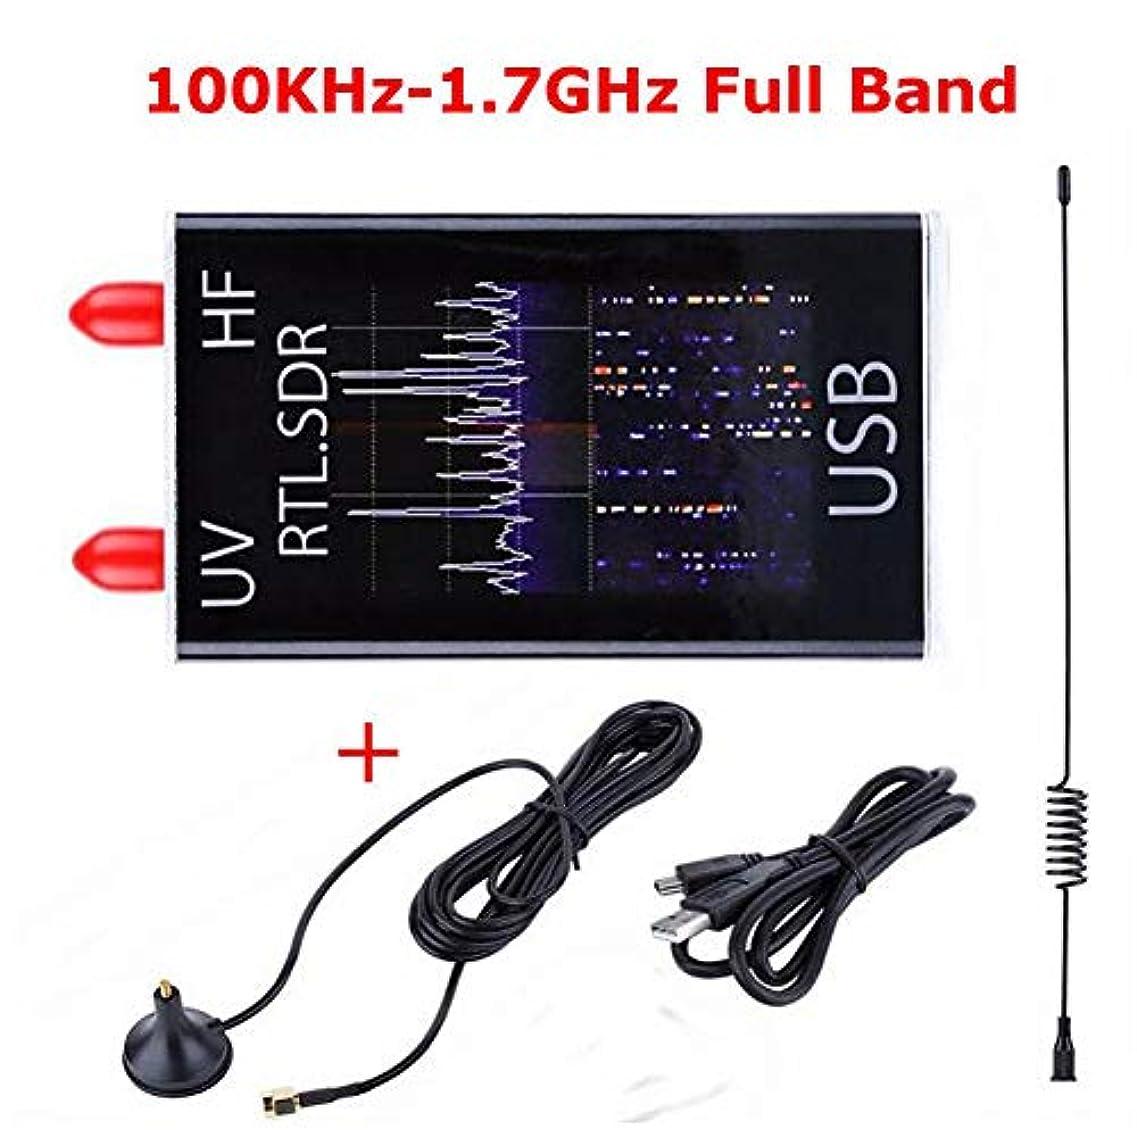 余計な株式会社ささやきACHICOO 100KHz?1.7GHzフルバンドUV HF RTL-SDR USBチューナーレシーバ/ R820T + 8232ハムラジオ